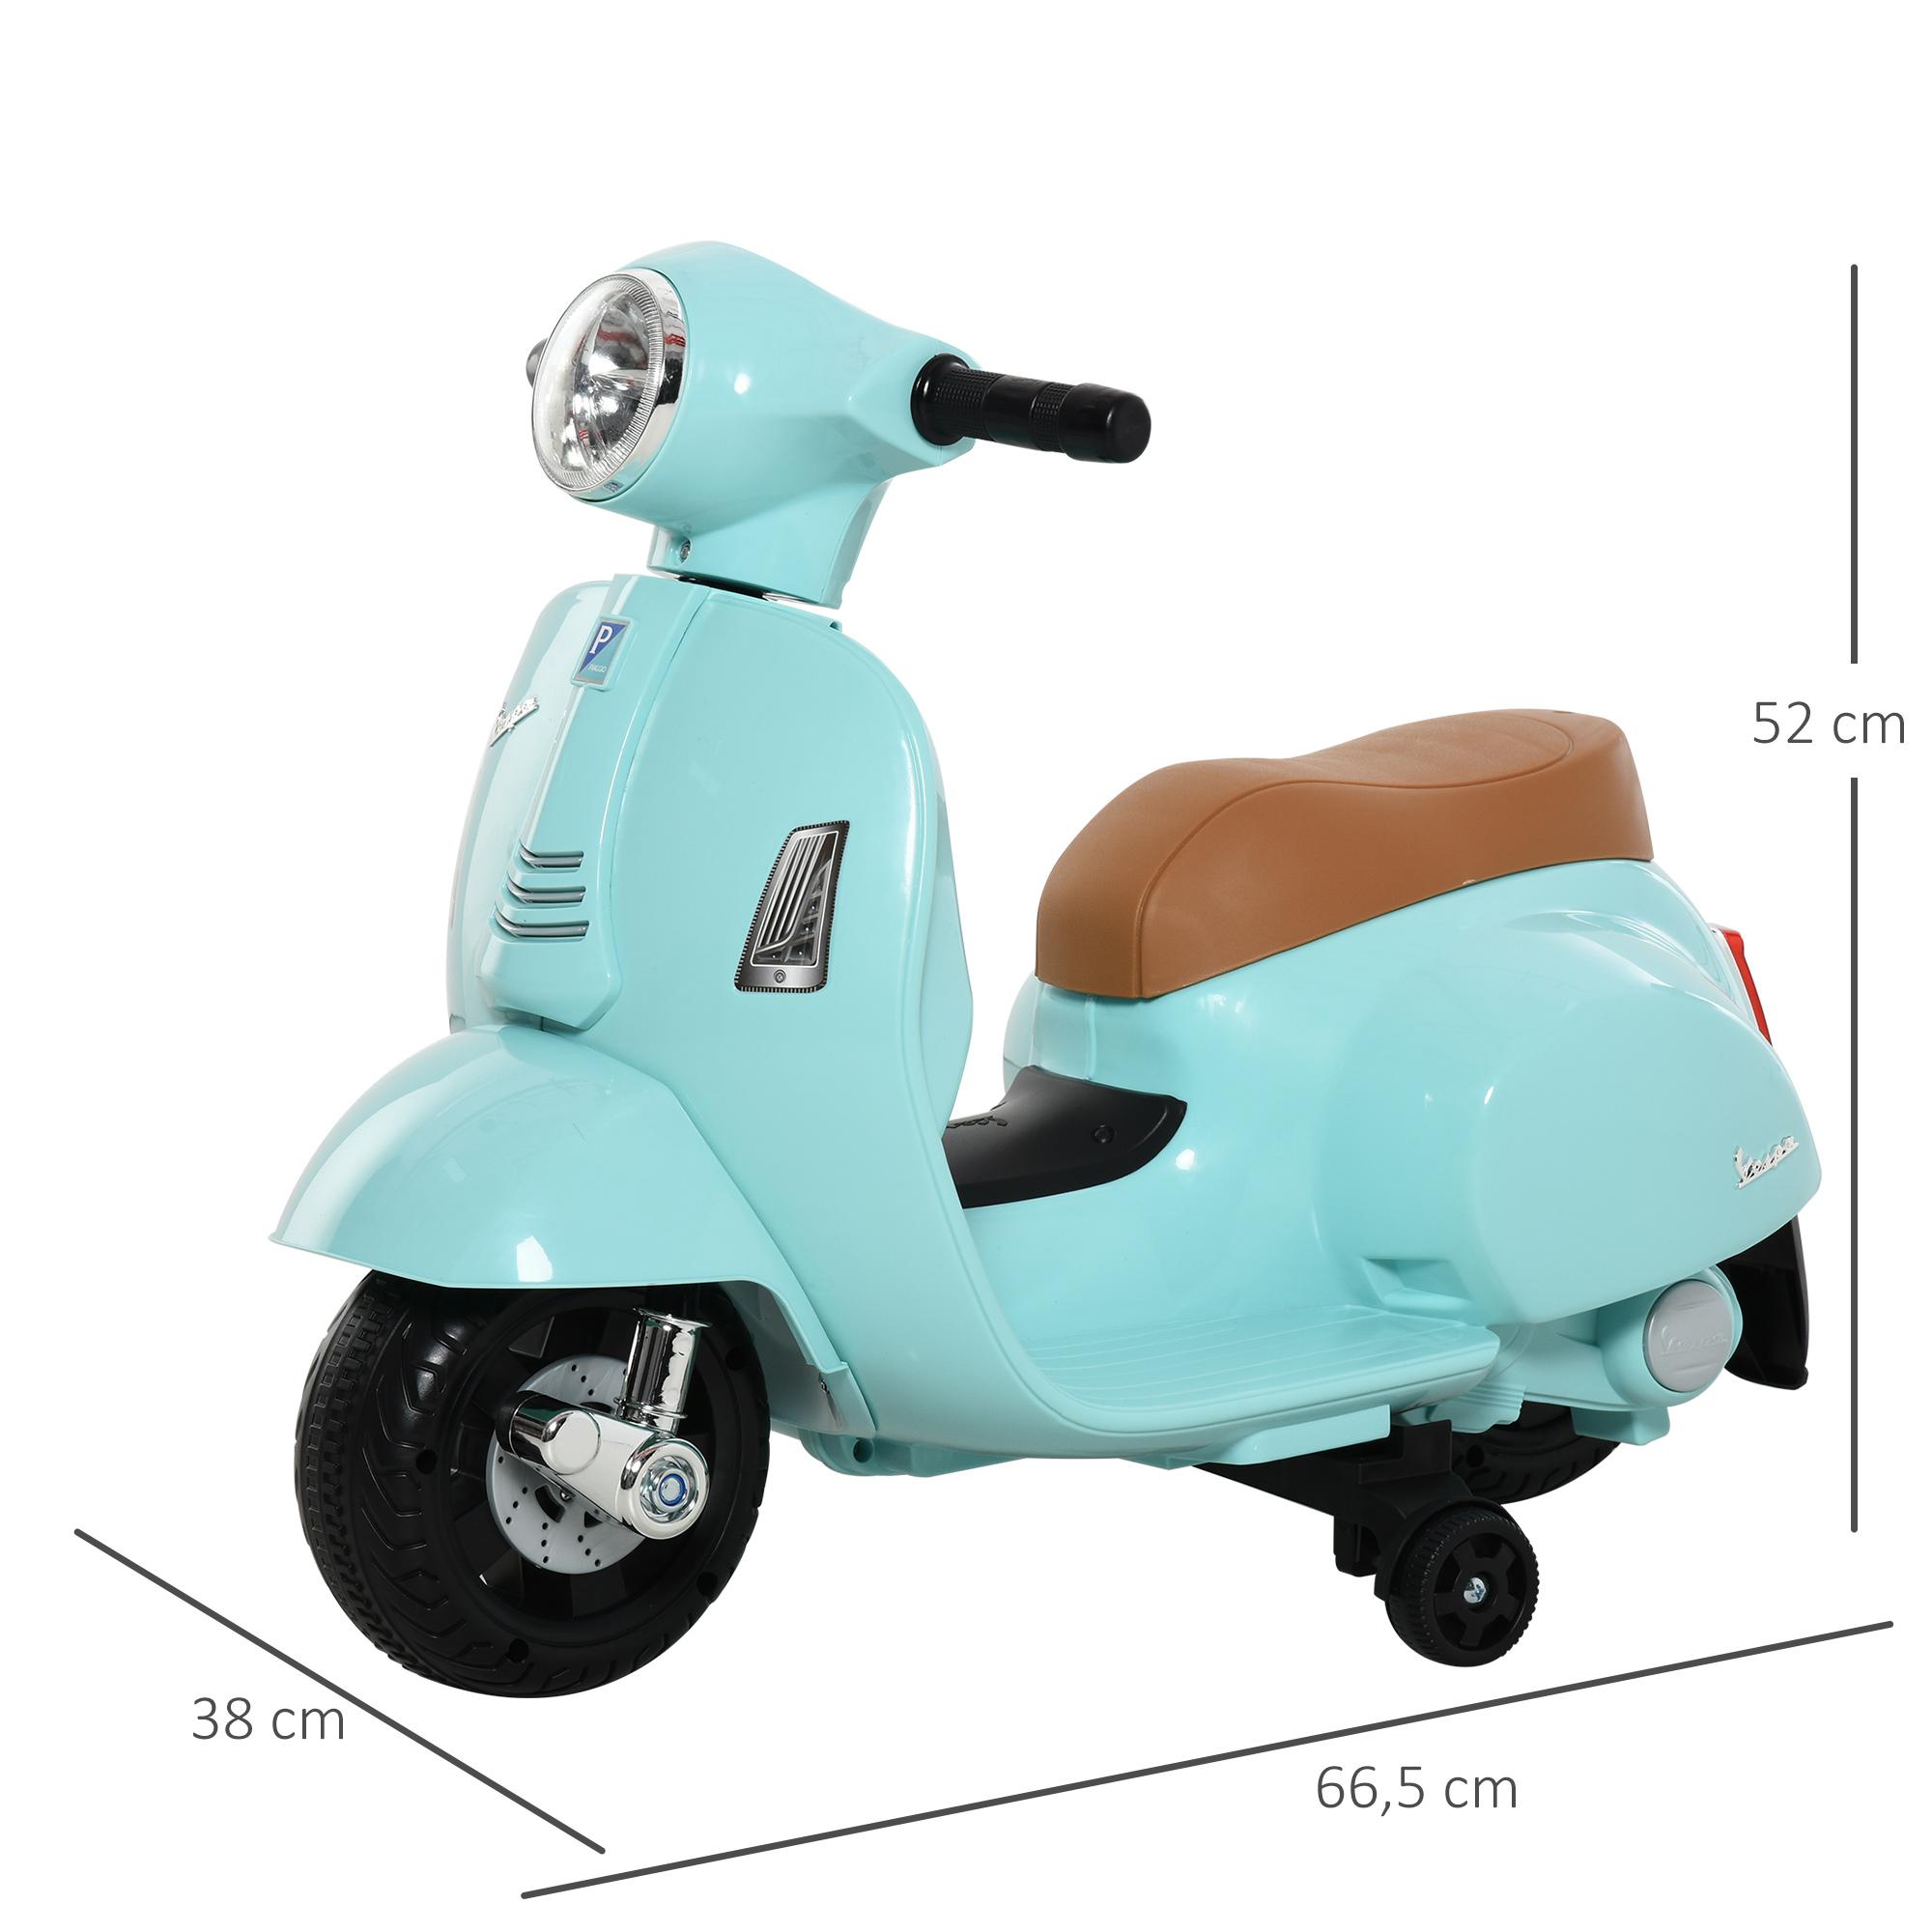 miniatura 23 - Moto Eléctrica Vespa para Niños +18 Meses con Faro Bocina y 4 Ruedas COLOR